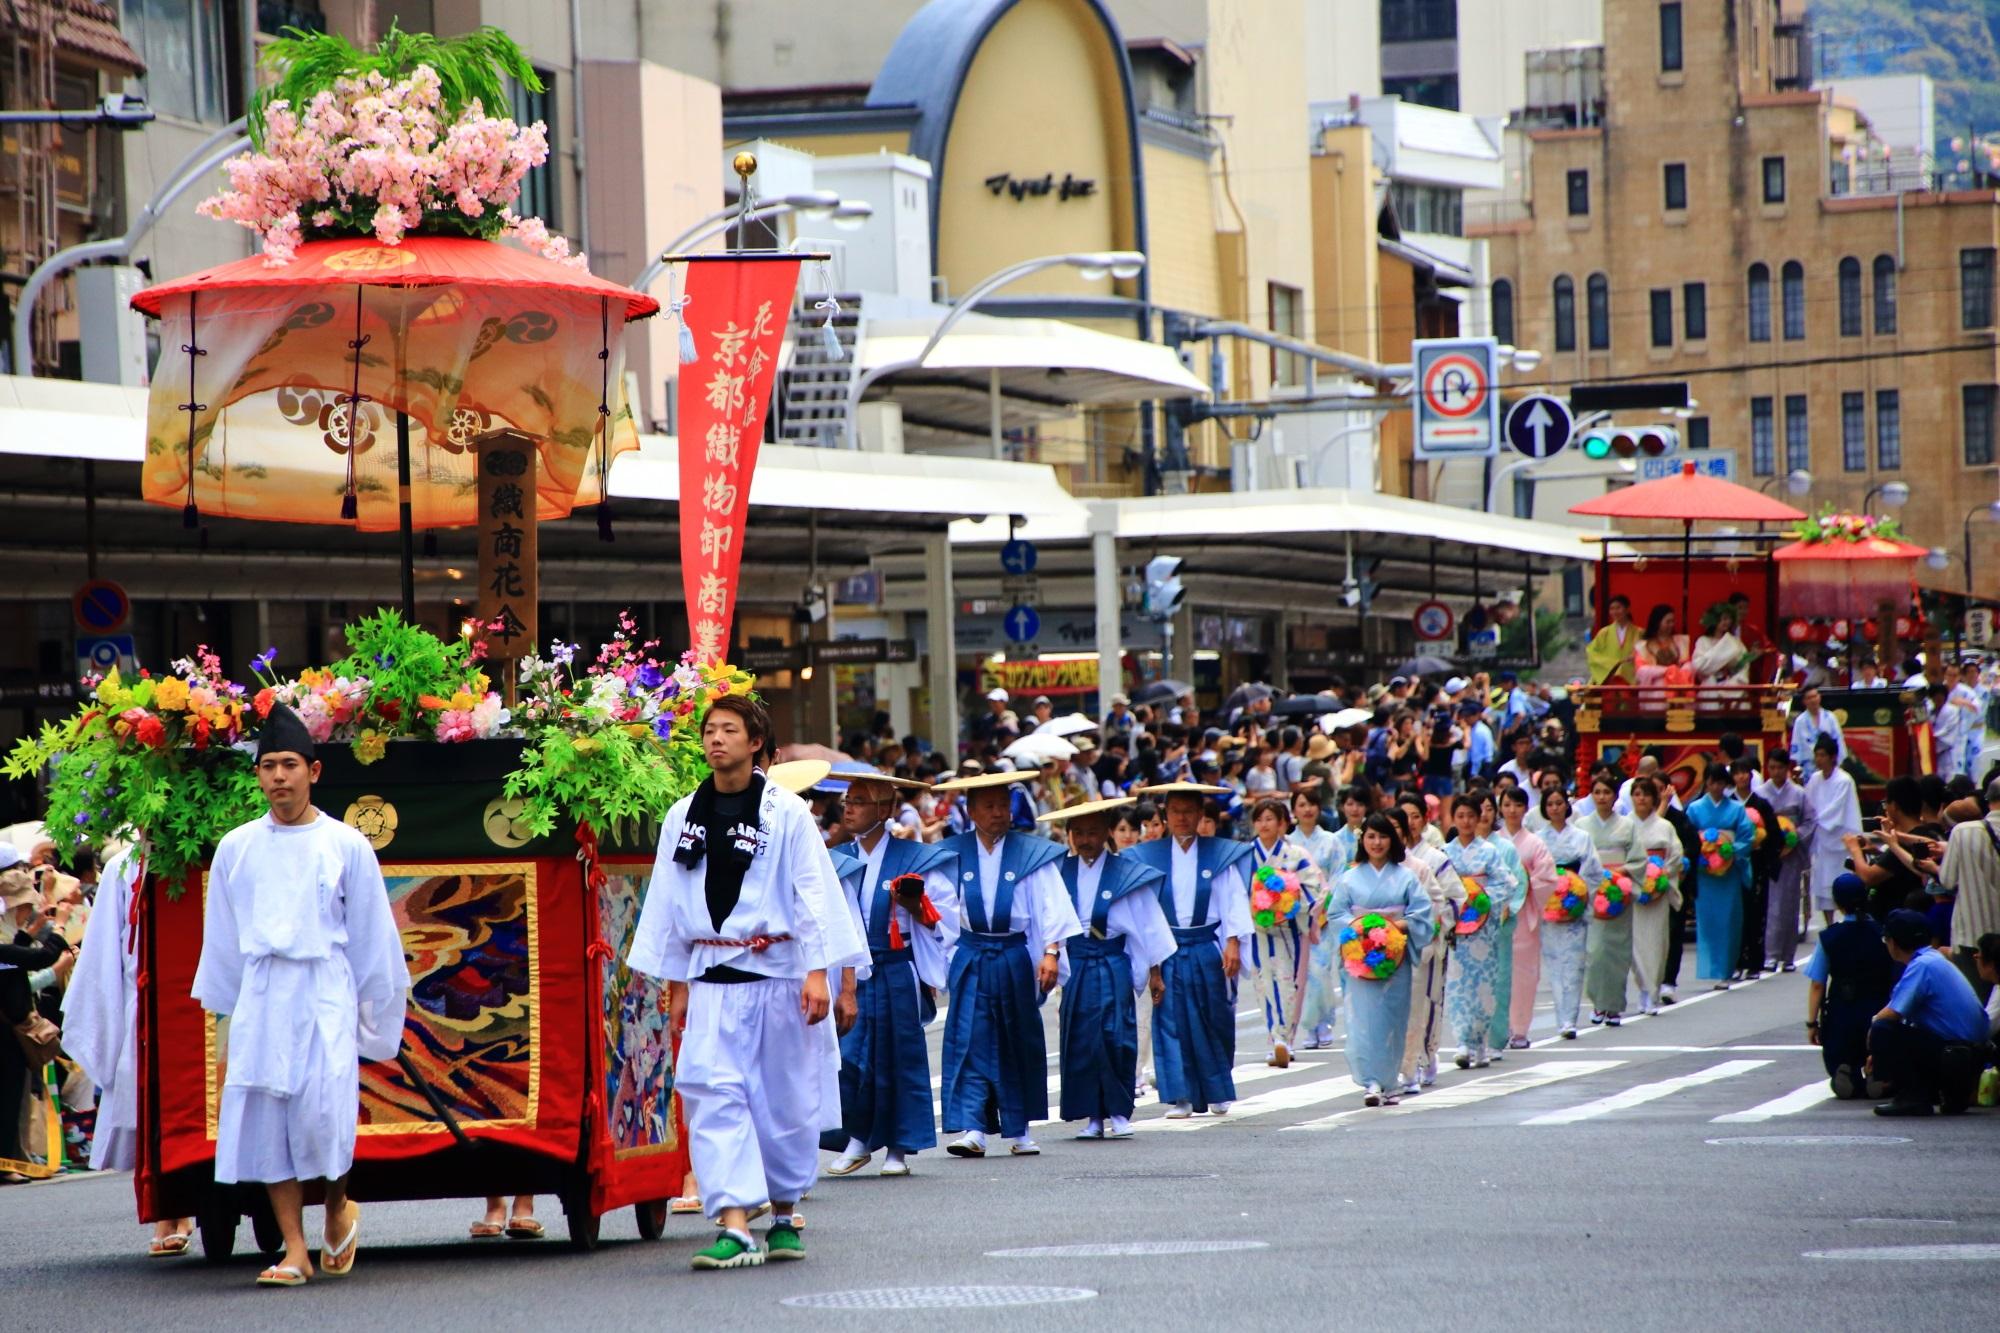 祇園祭の花傘巡行の京都織物卸商業組合